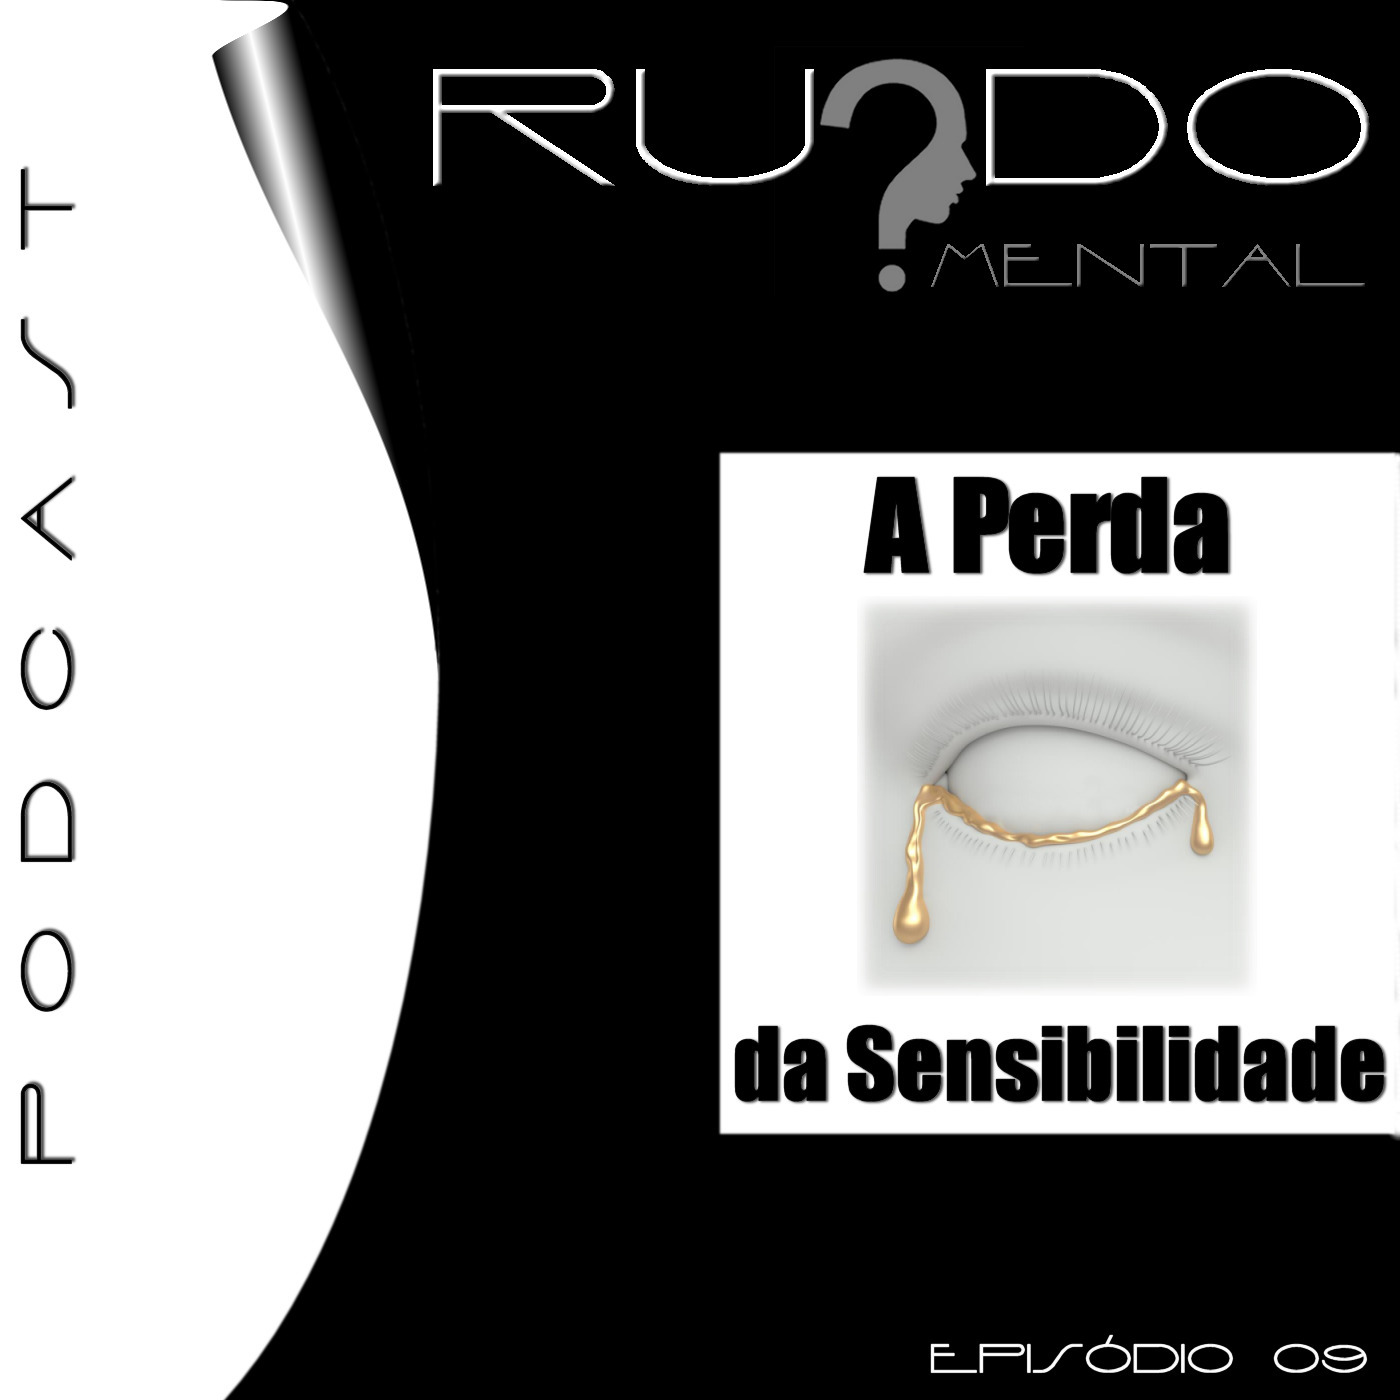 # 09 - A Perda da Sensibilidade